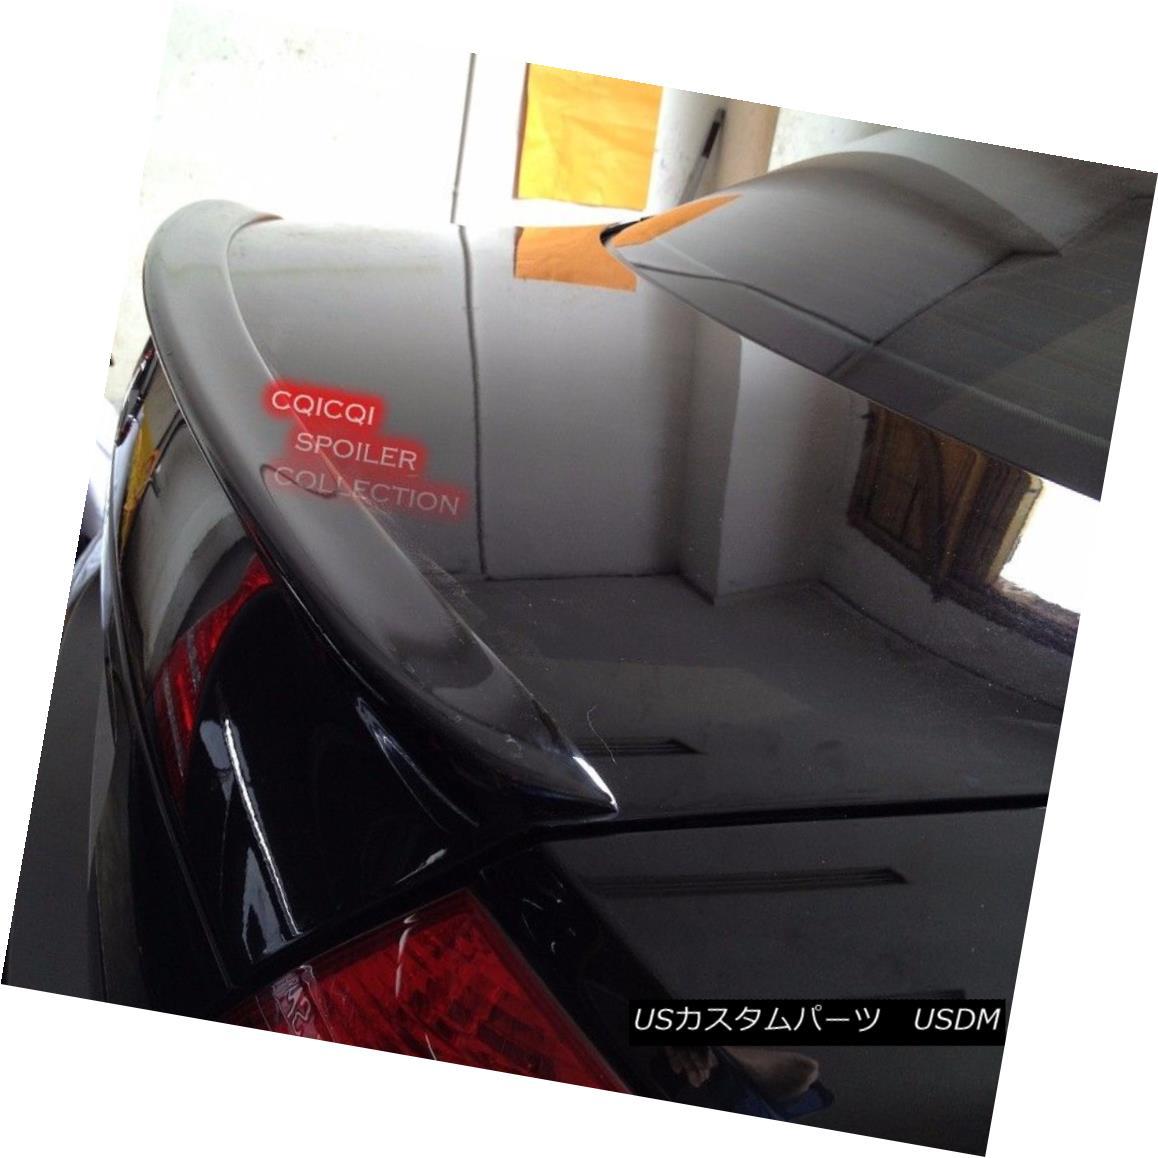 エアロパーツ Painted MERCEDES-BENZ 03-09 W211 E-class Sedan AMG type trunk spoiler color-040◎ ペイントされたMERCEDES-BENZ 03-09 W211 EクラスセダンAMGタイプのトランクスポイラーcolor-040?